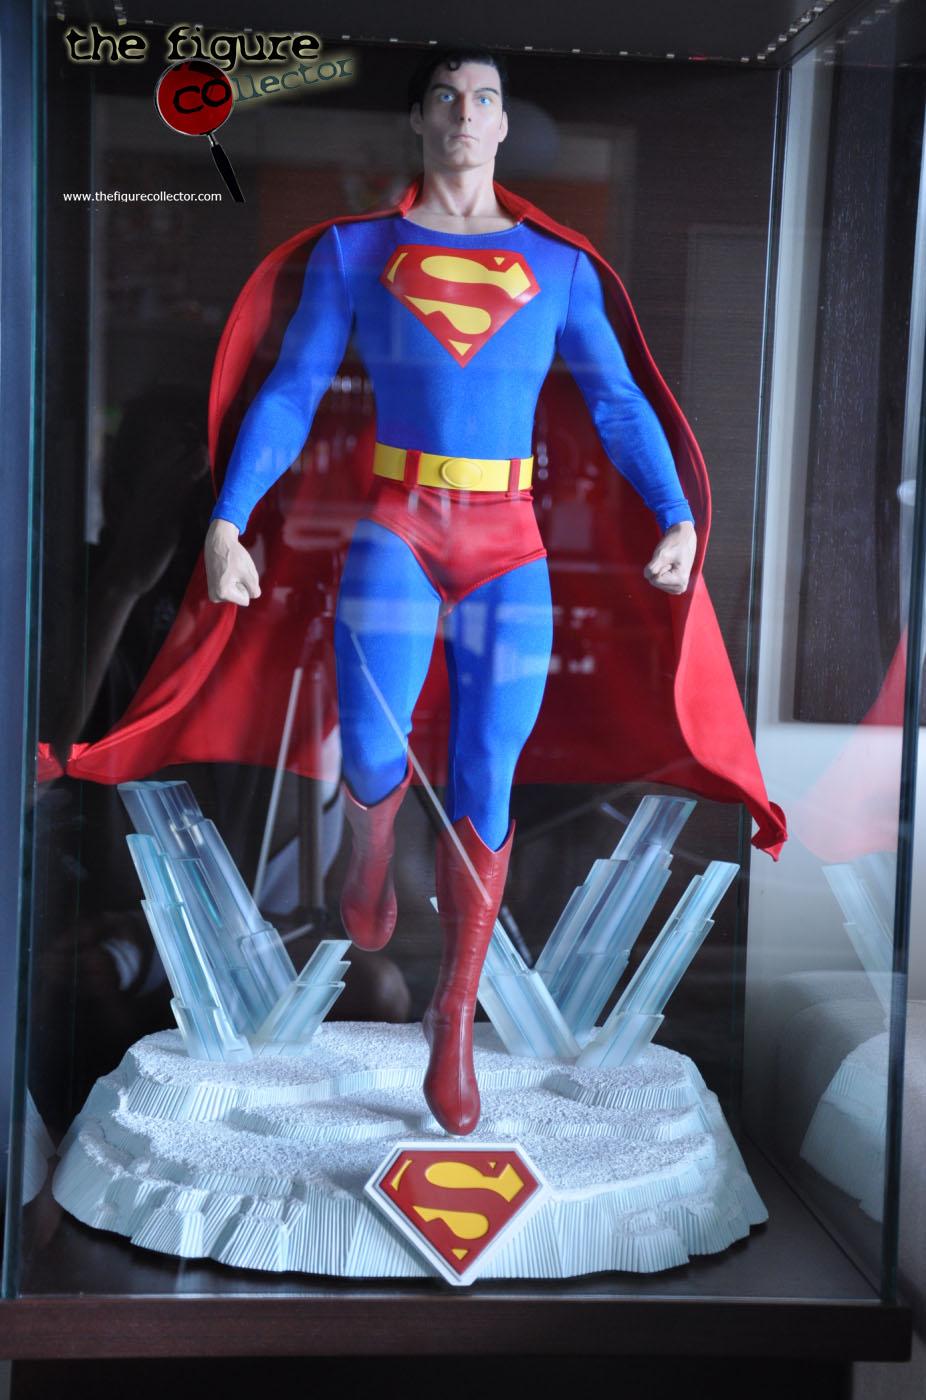 Colecao do Turco louis gara do forum Sideshow Collectors! Pobrinho!!! Superman-Cinemaquette-06